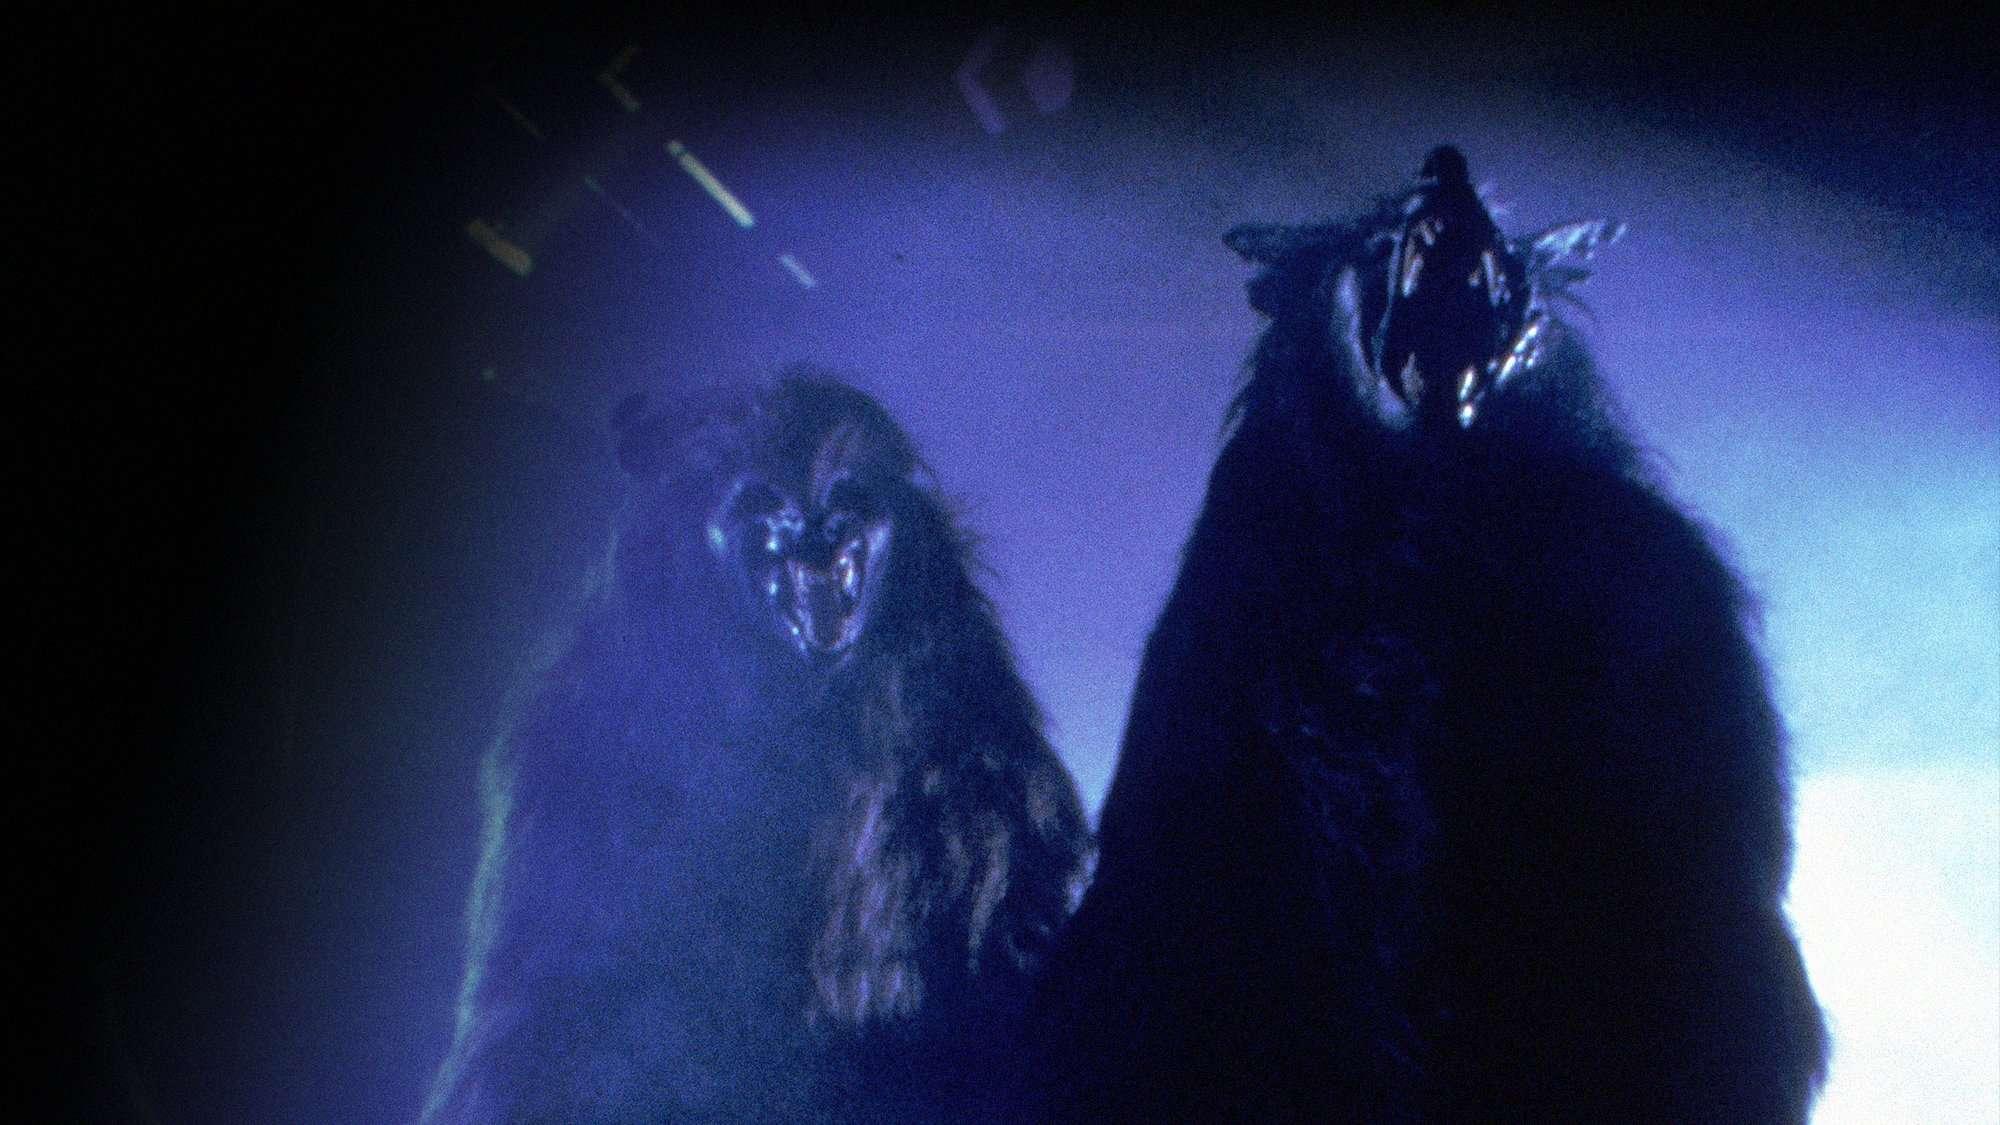 The Werewolf - Werewolf TV Series